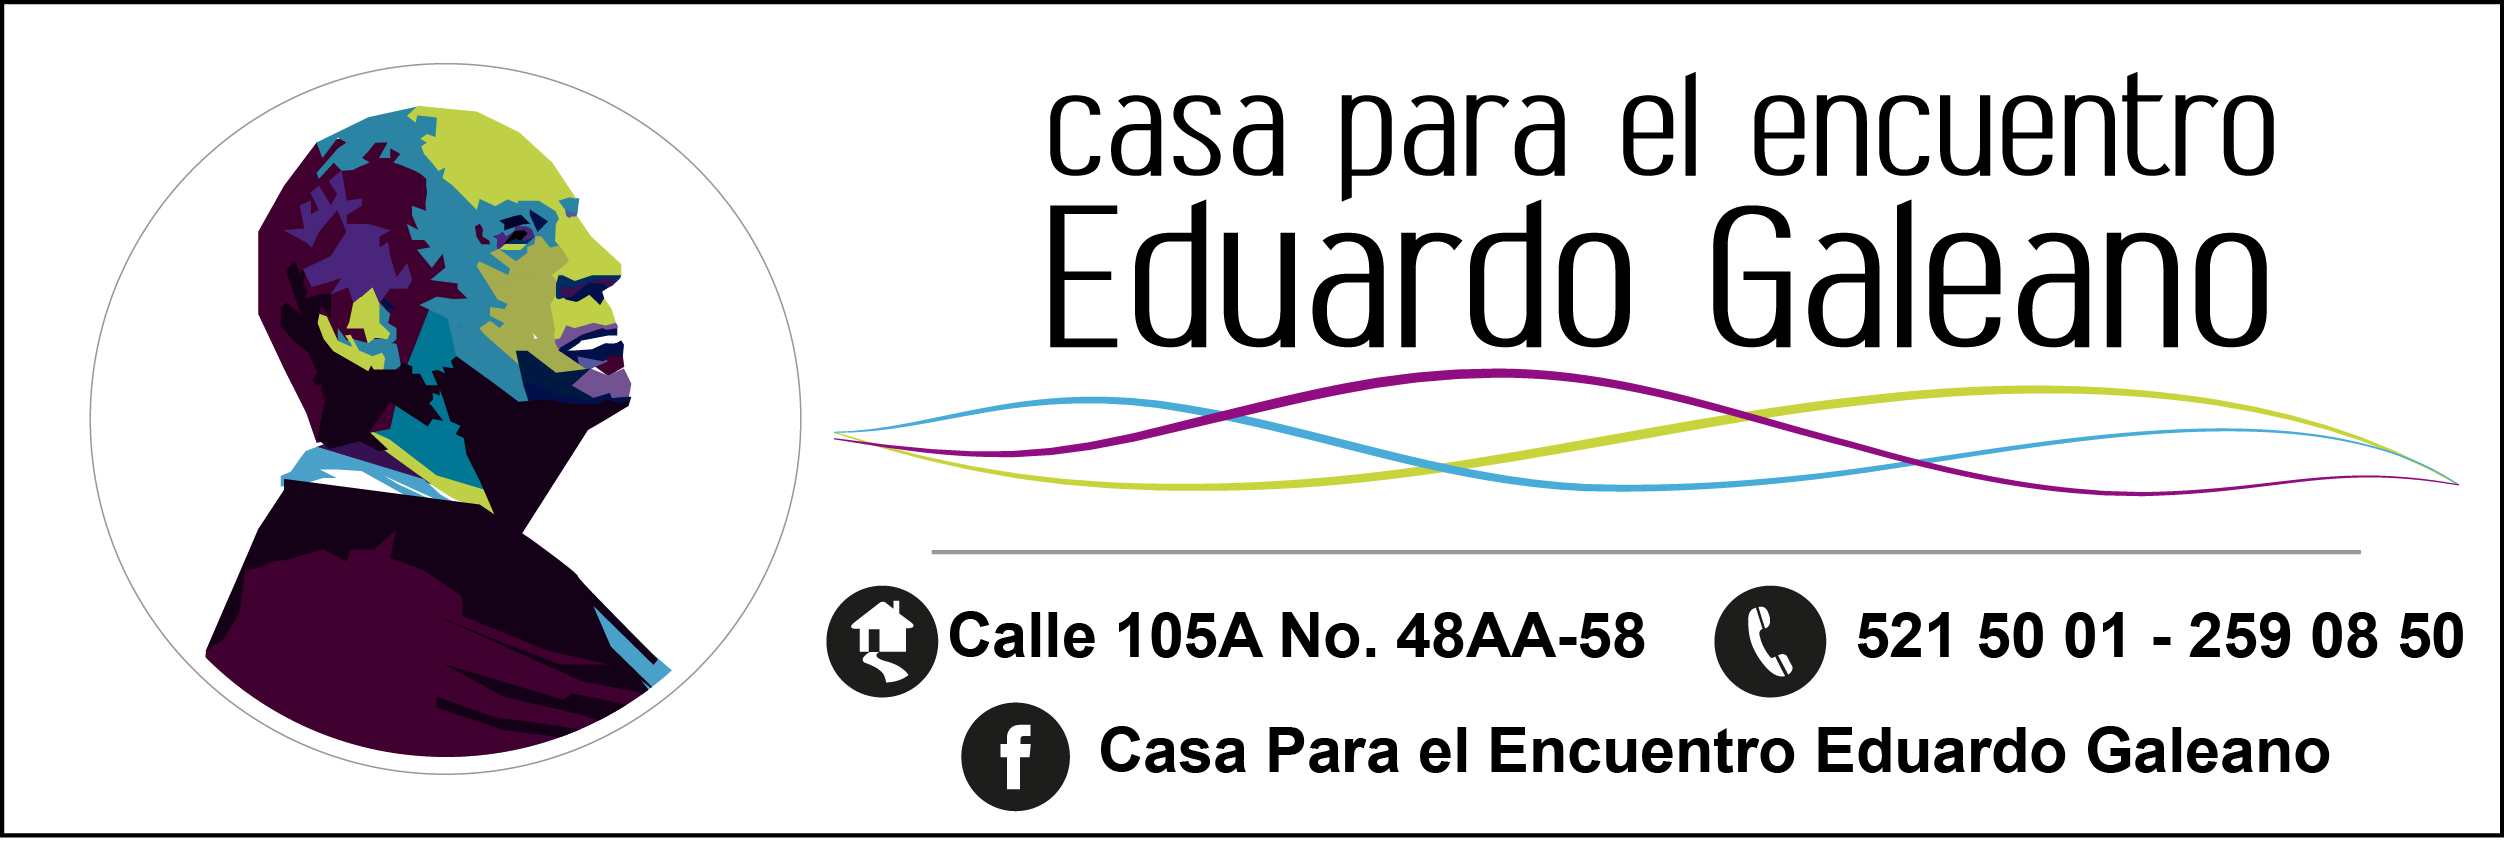 Espacio Publicitario-01-01-01-01